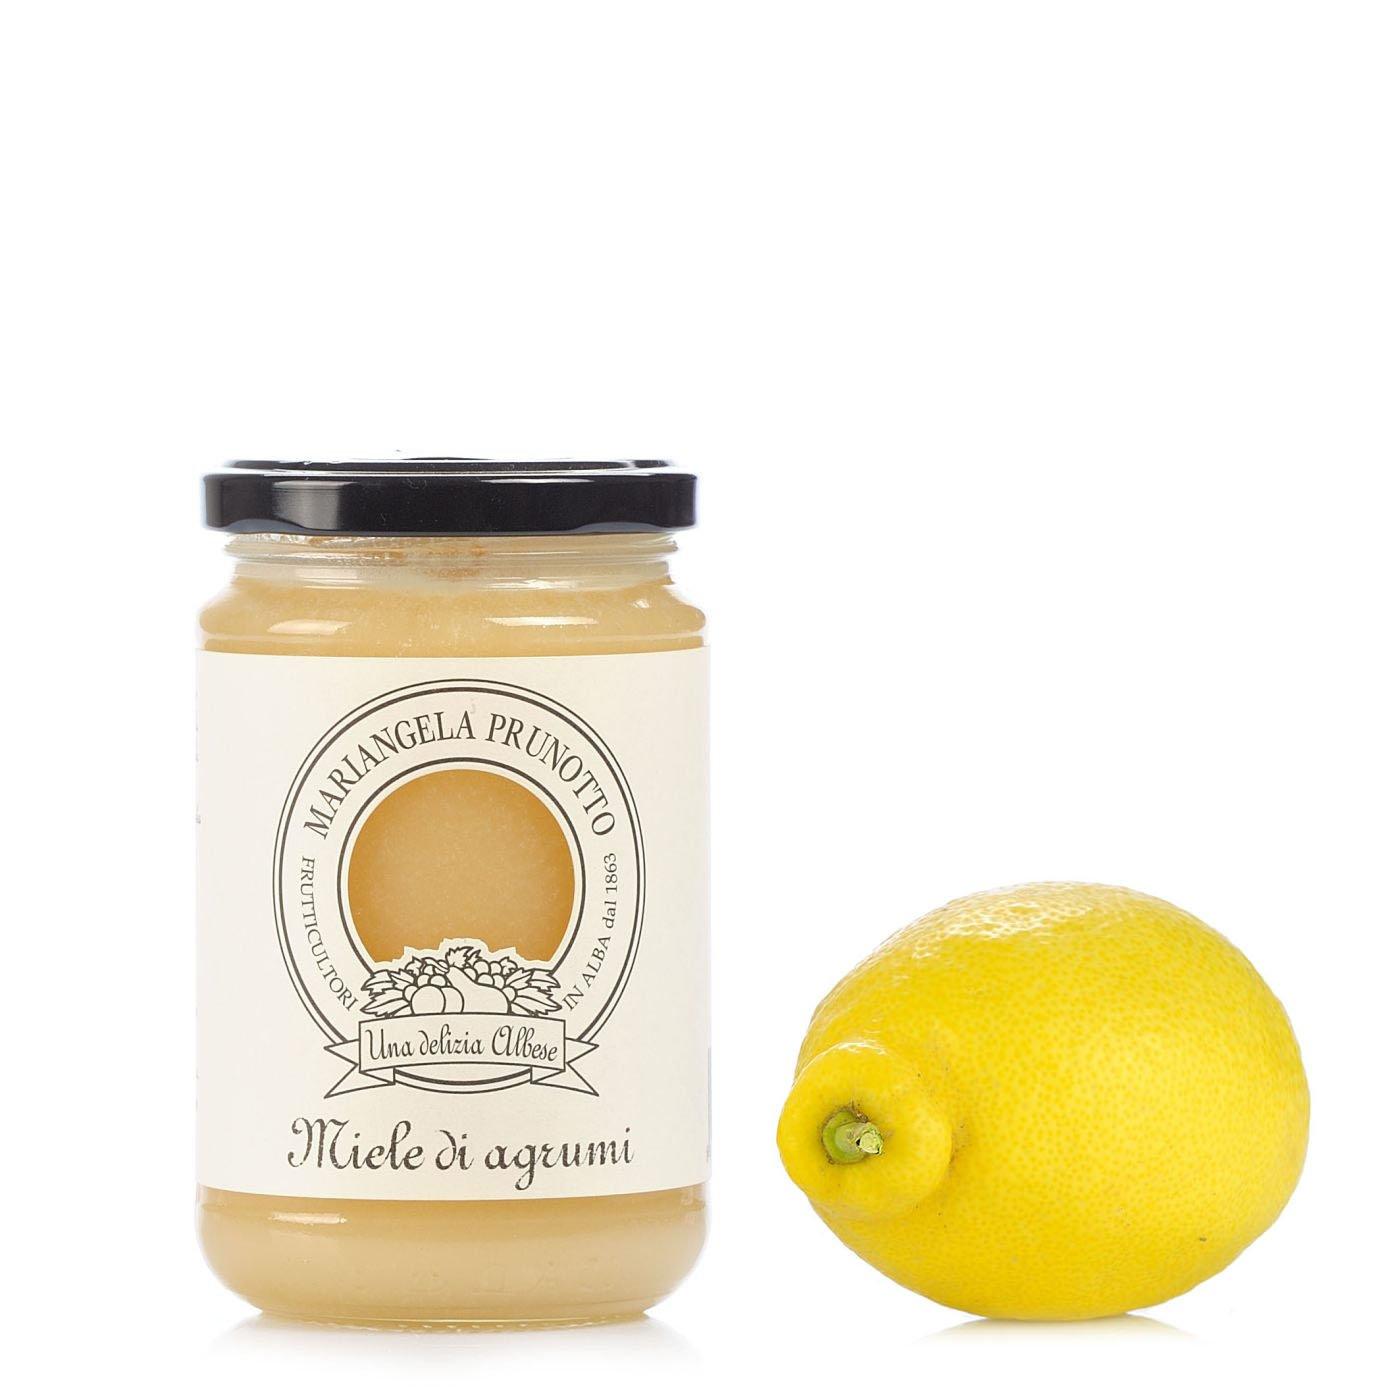 Miele di agrumi mariangela prunotto eataly for Acquistare piante di agrumi